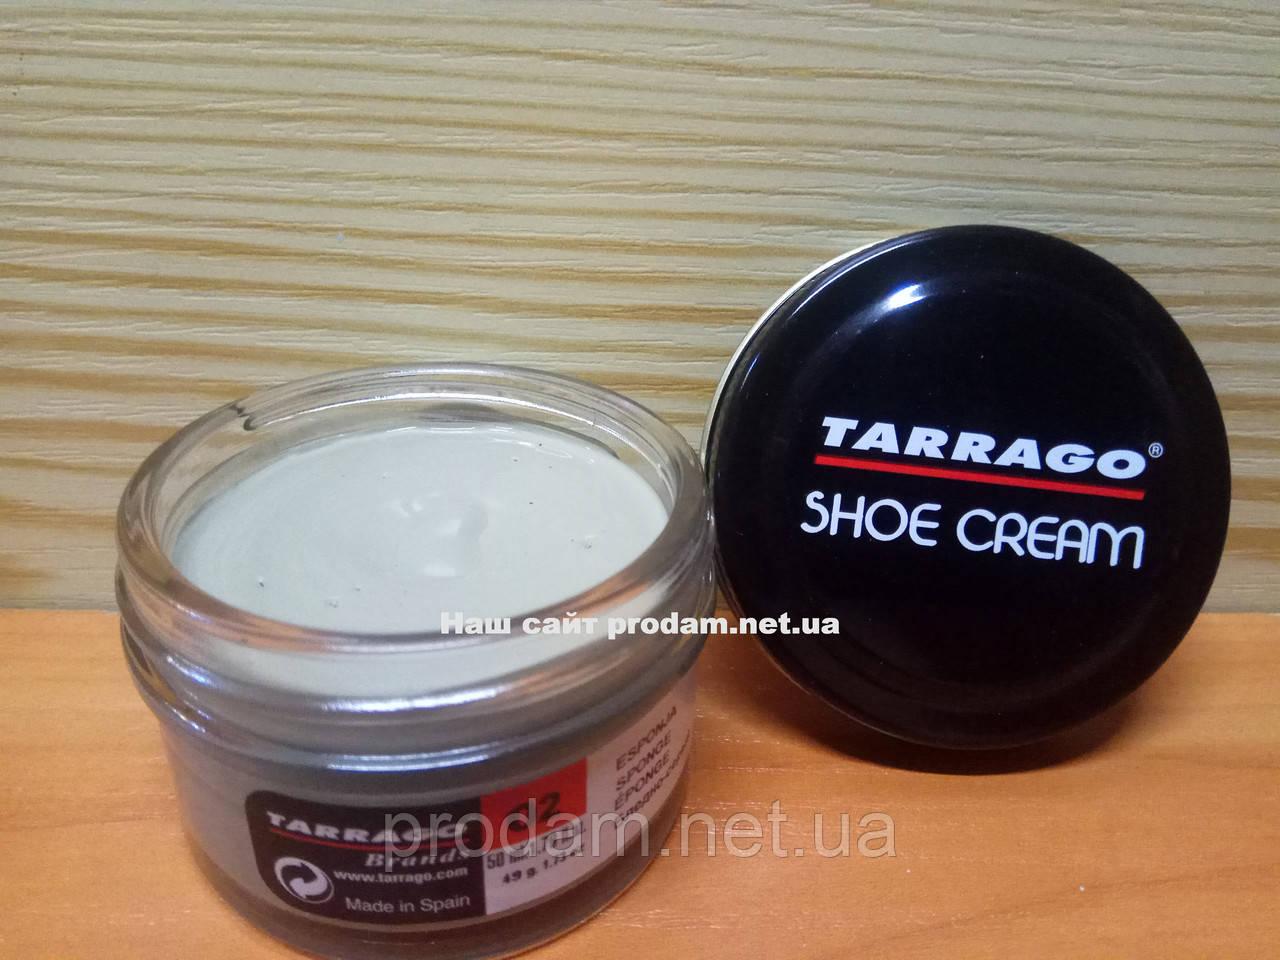 Крем для обуви Tarrago 02 бледно-серый